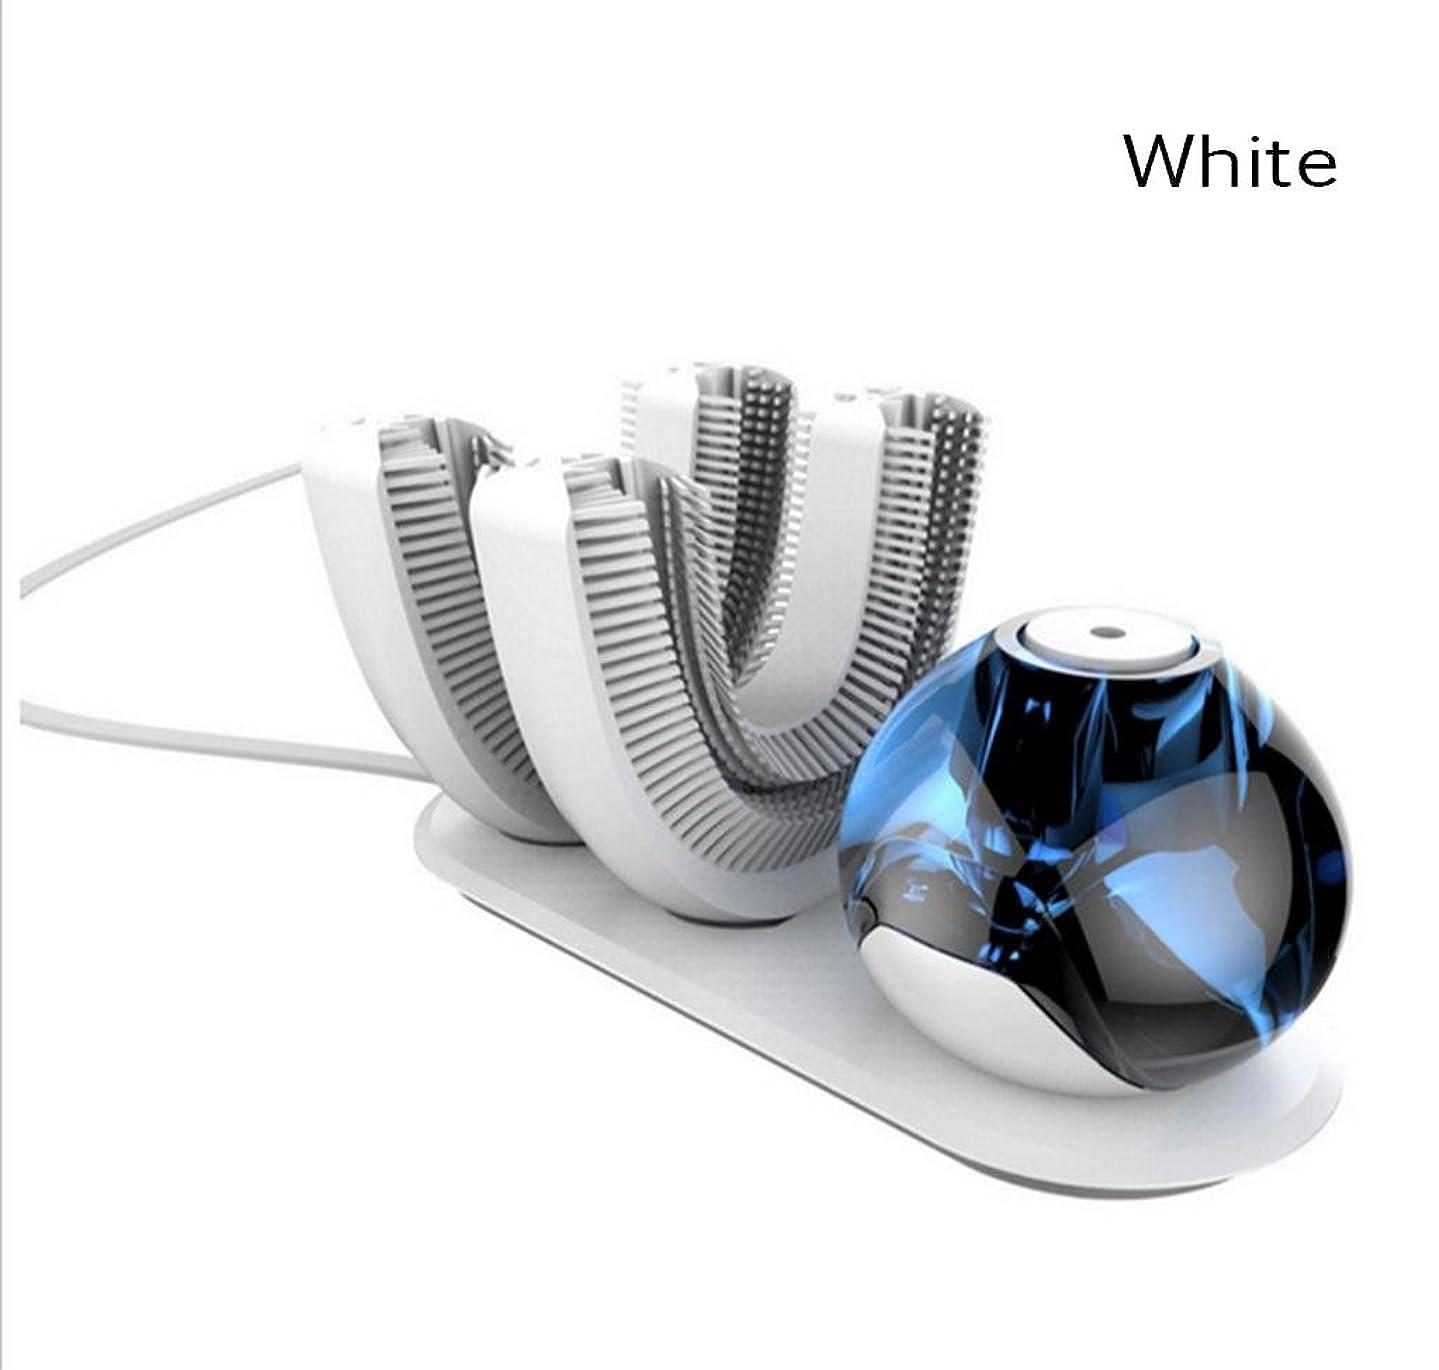 名誉あるスナッチテキストNatood 歯ブラシのヘッドの2、怠惰なKibasuriによる自動歯ブラシは、 電気怠惰な電動歯ブラシ用ワイヤレス充電式360°自動歯ブラシを設計され、白 白